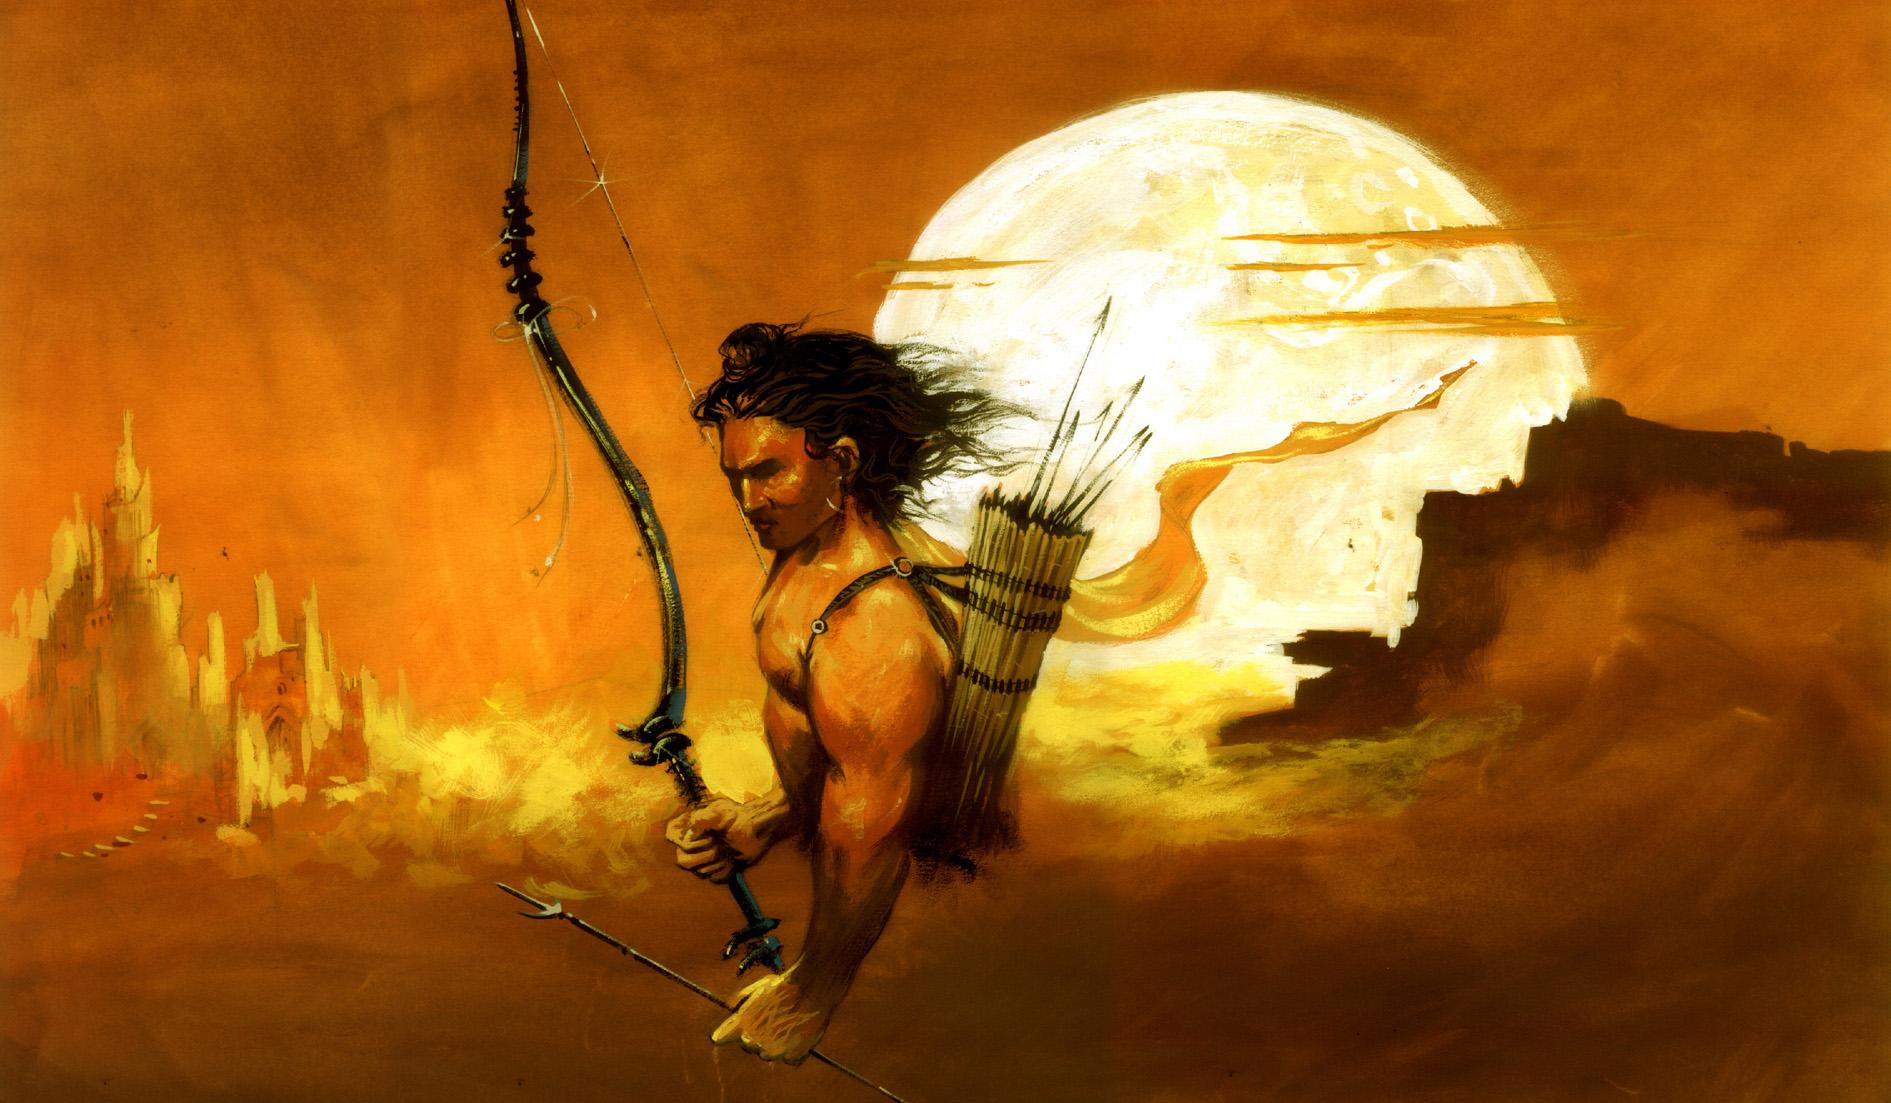 राम को किसने दिया वनवास?